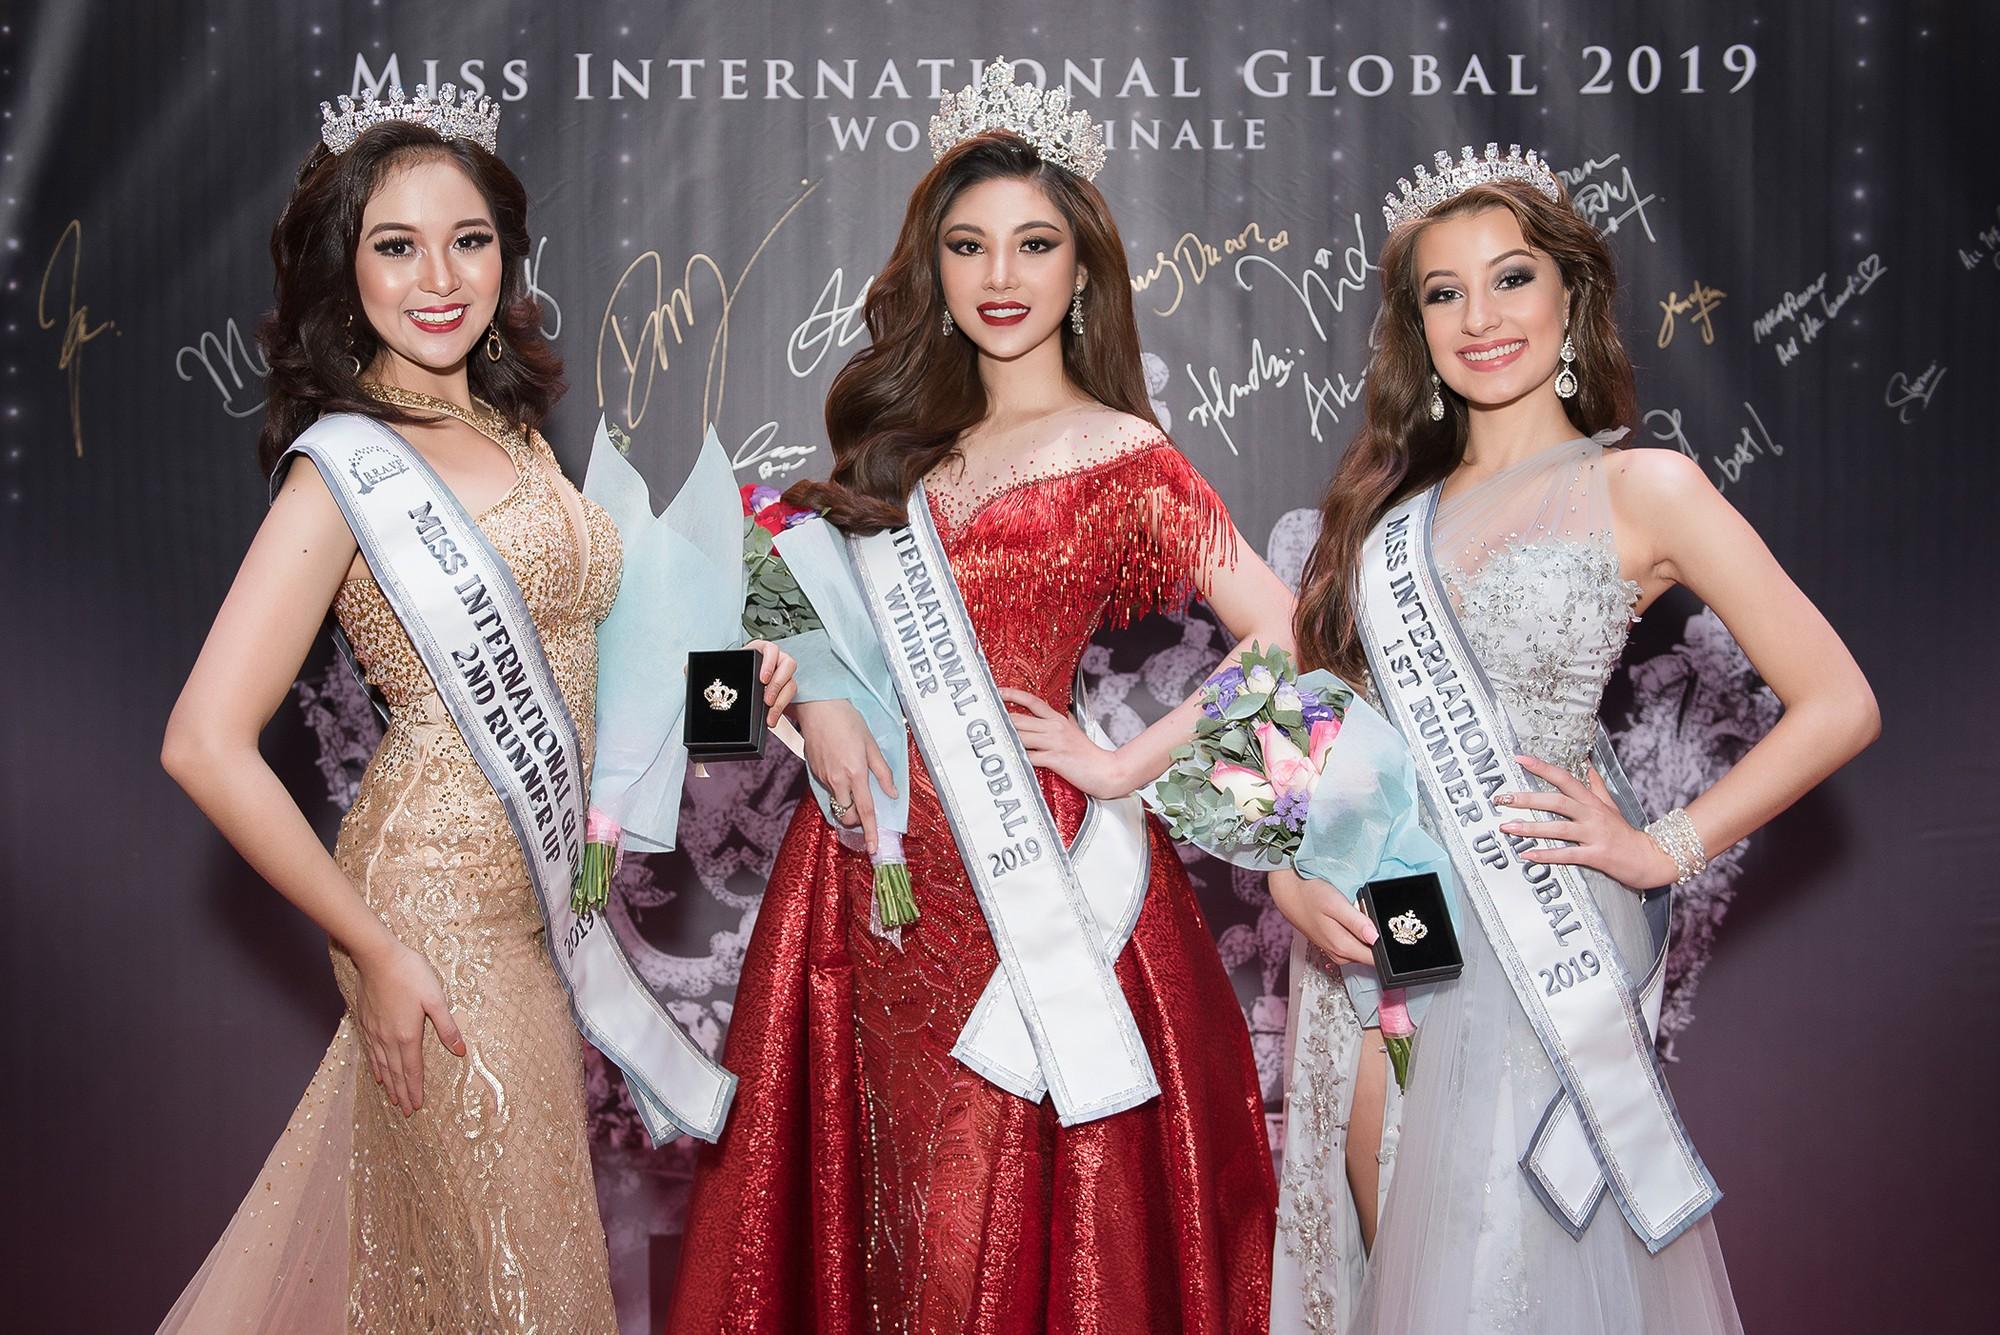 Người đẹp Bạc Liêu đăng quang Hoa hậu Quốc tế Toàn cầu 2019 - Ảnh 7.